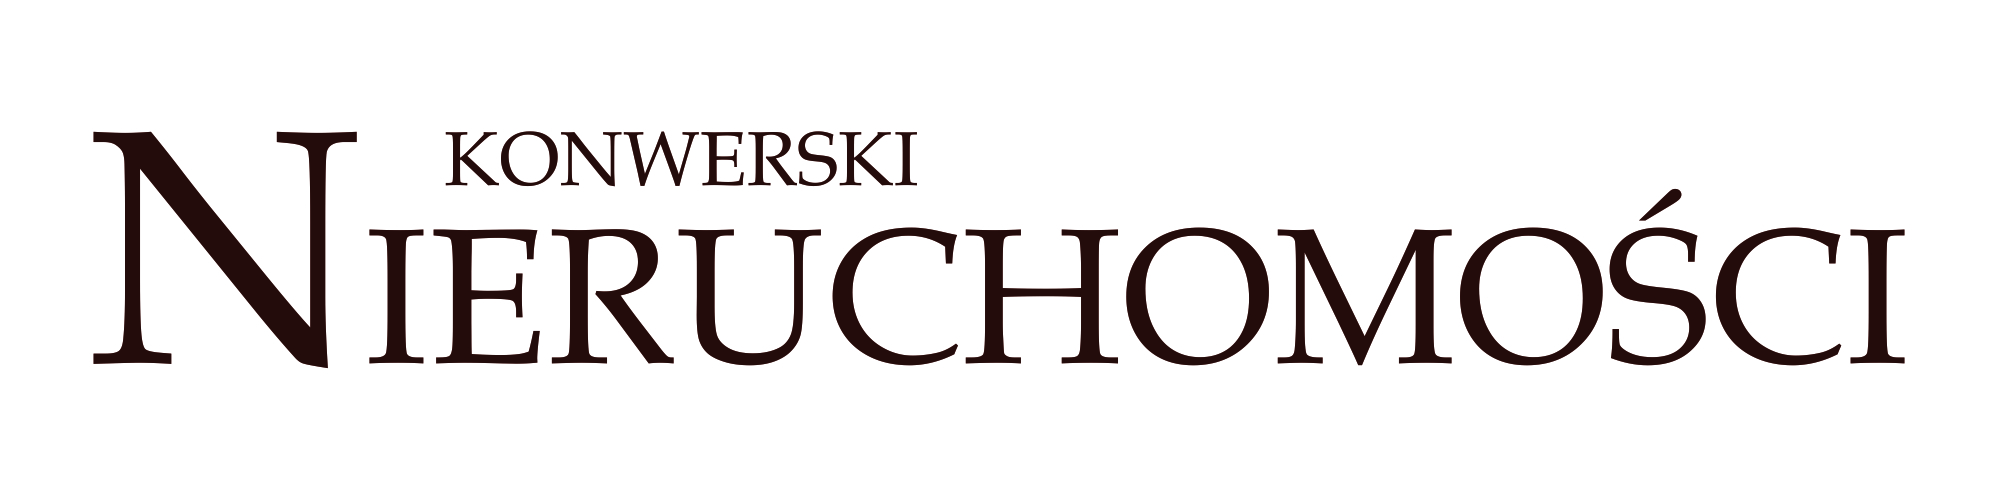 Logo Andrzej Konwerski Nieruchomości